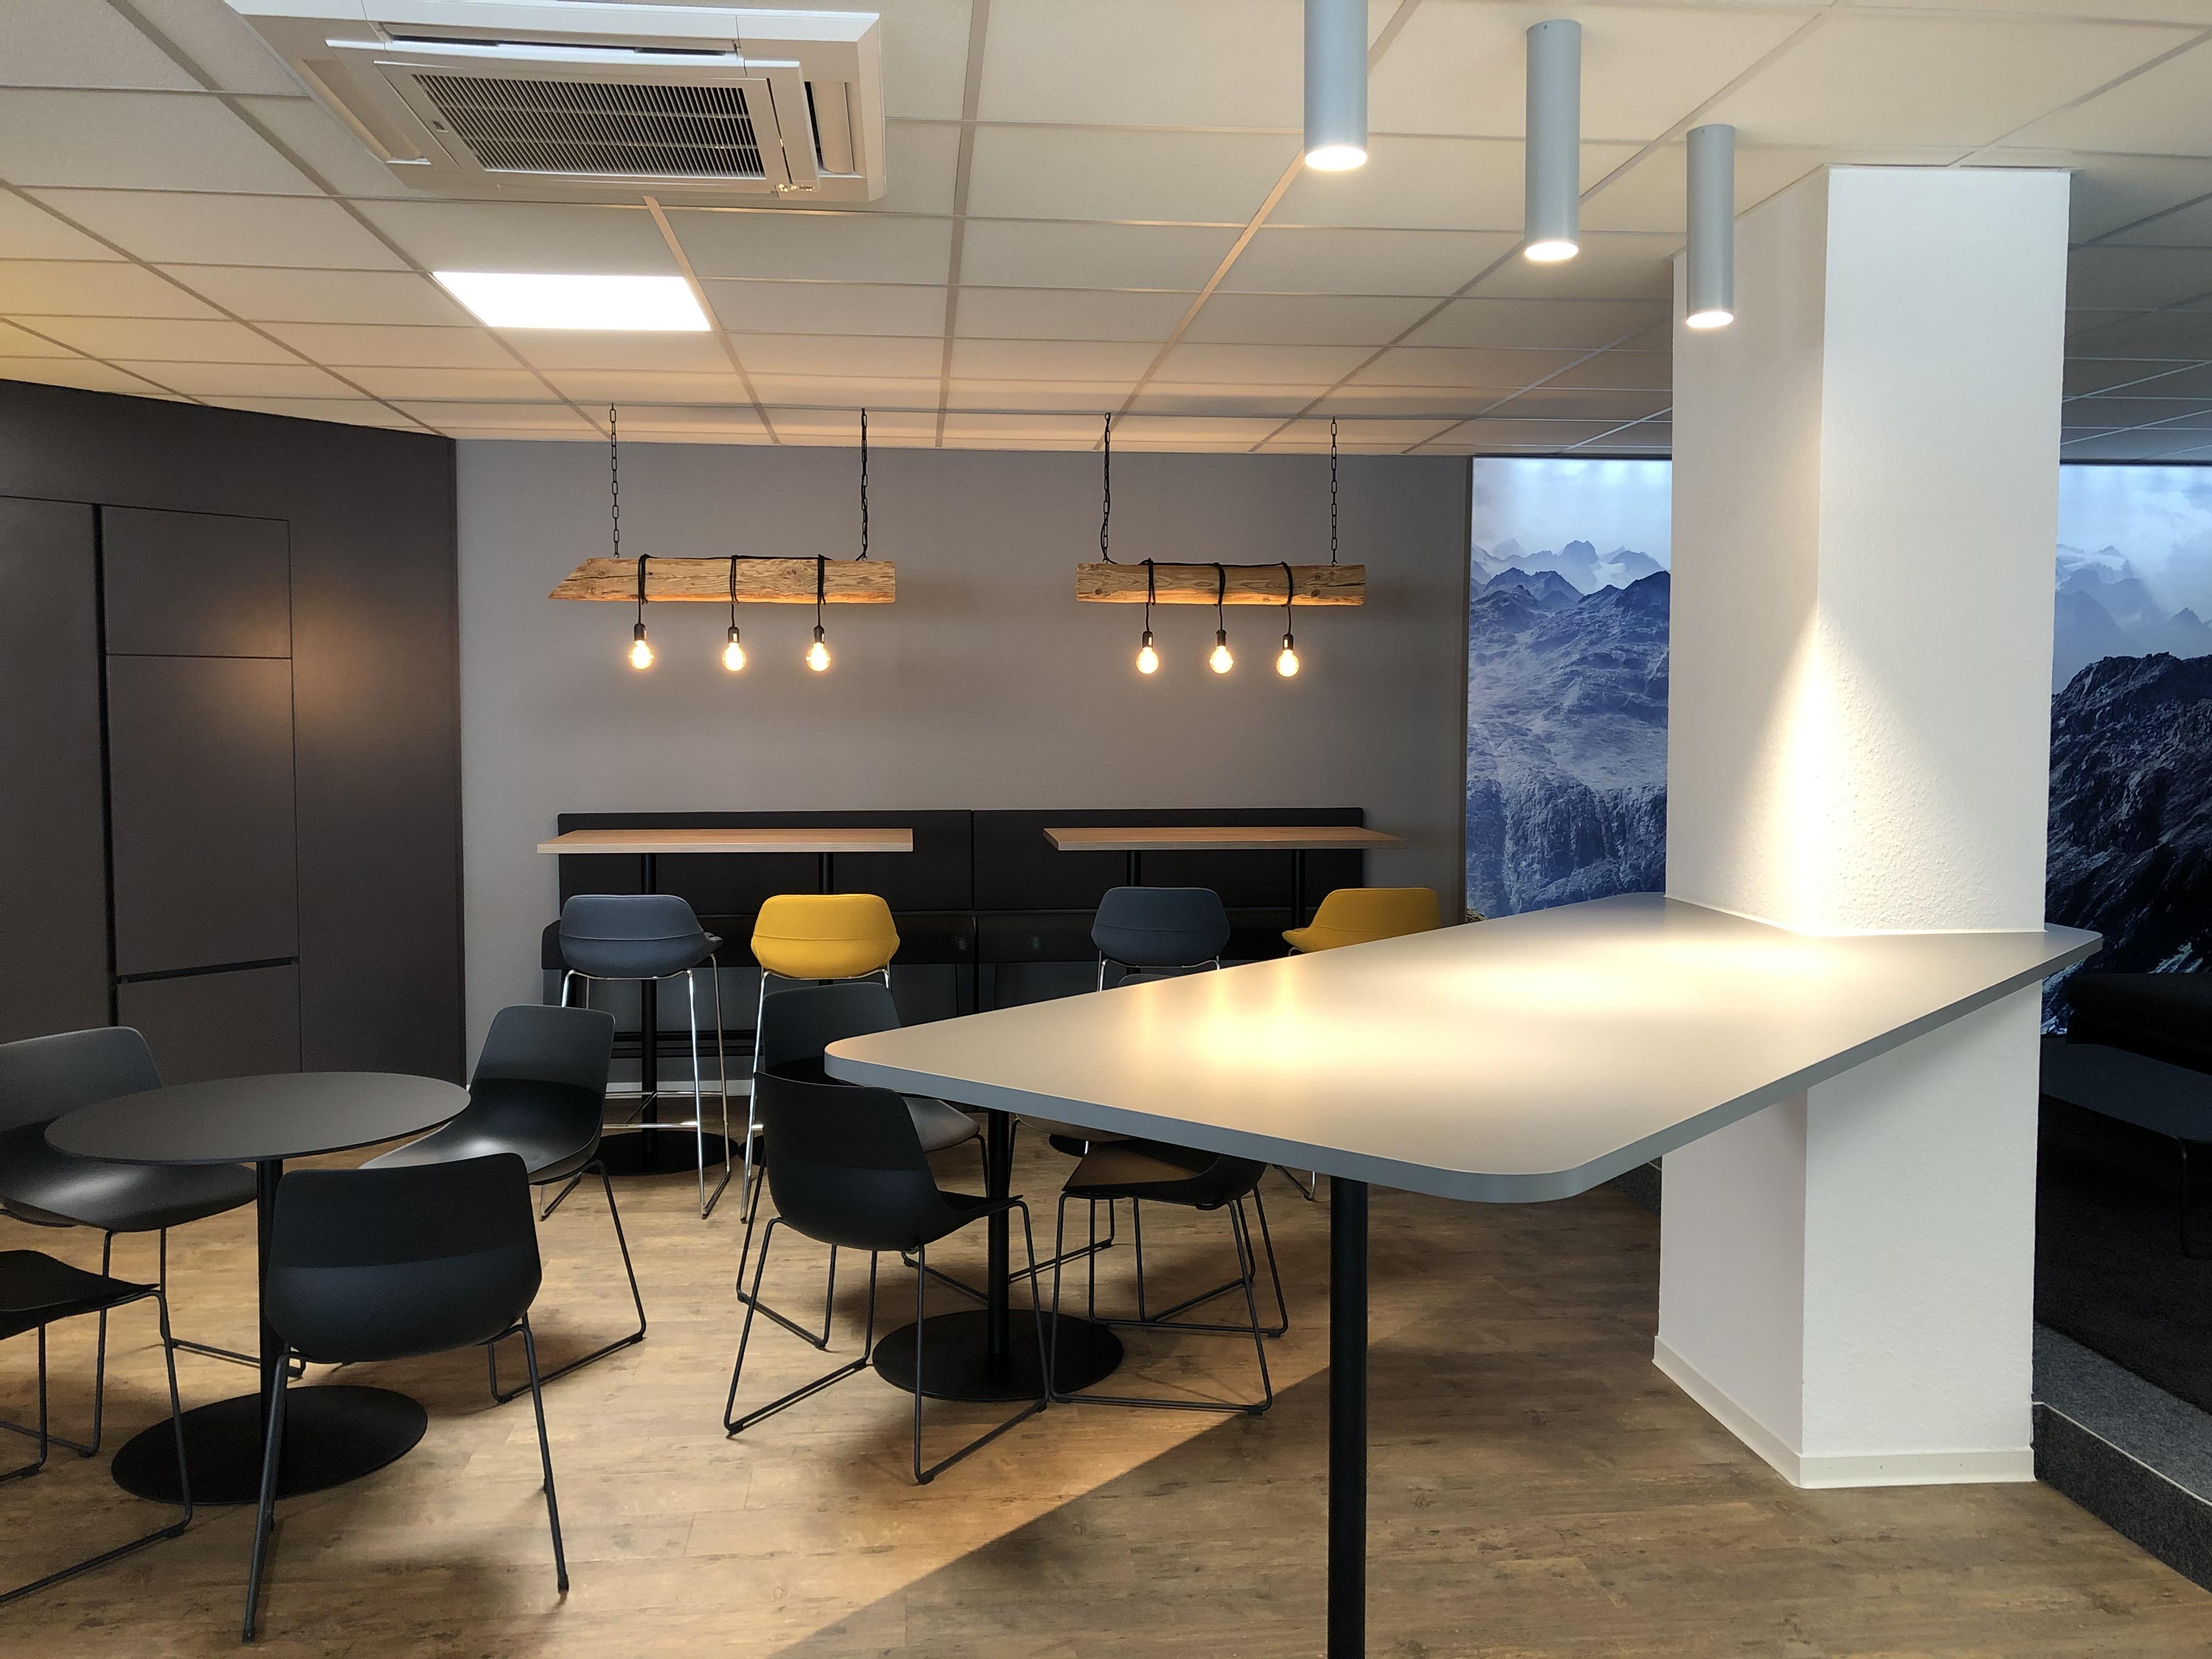 News Foto  Lounge - Gepflegt chillen und arbeiten: Innovabee weiht neue Lounge ein